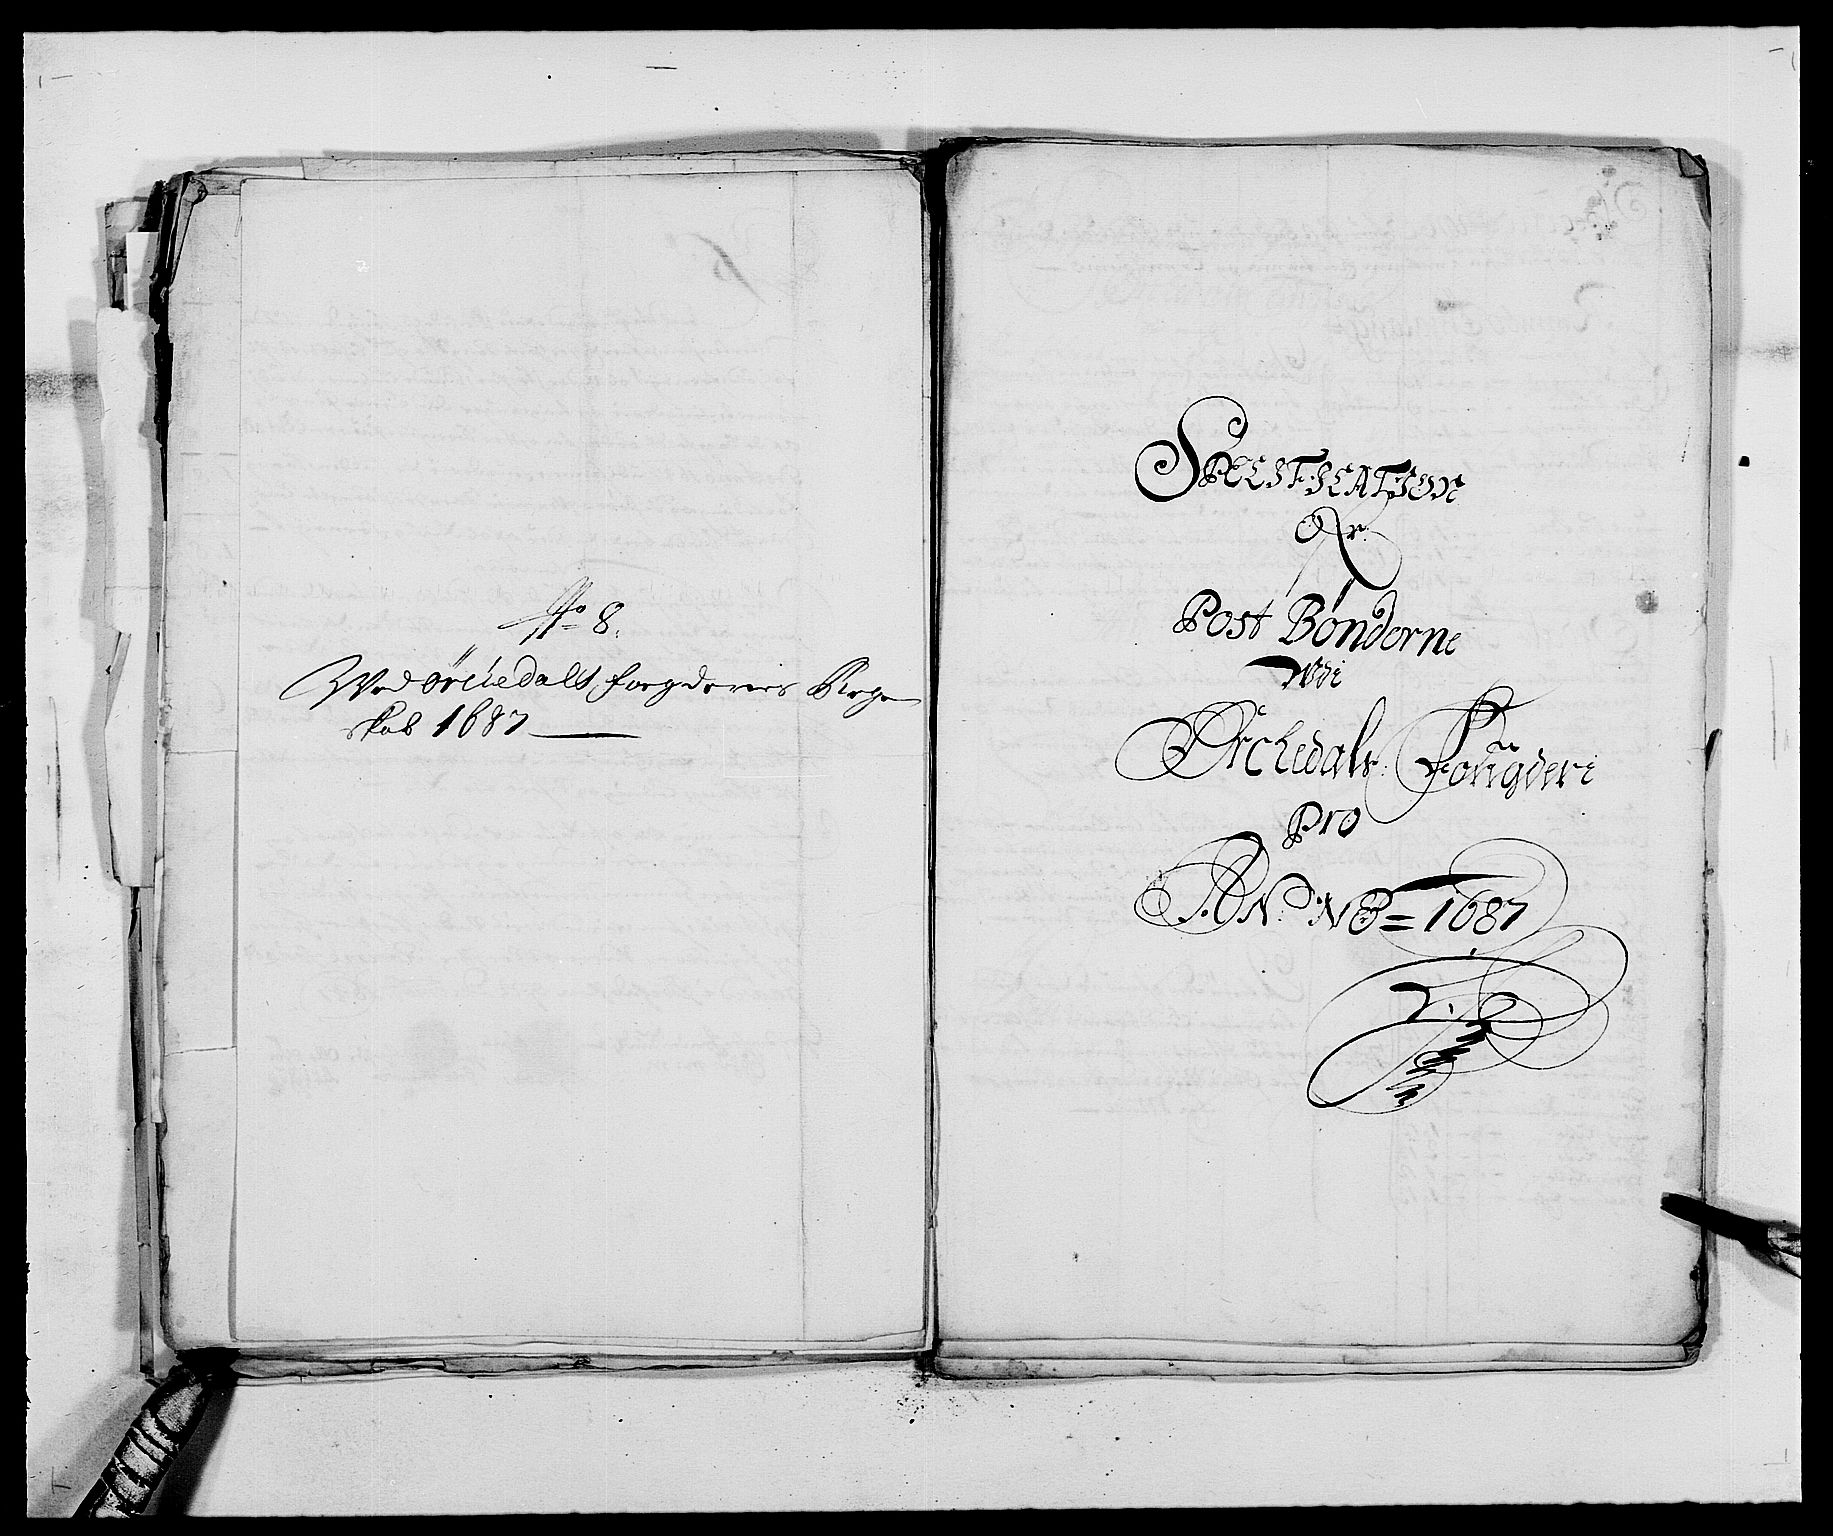 RA, Rentekammeret inntil 1814, Reviderte regnskaper, Fogderegnskap, R58/L3935: Fogderegnskap Orkdal, 1687-1688, s. 171